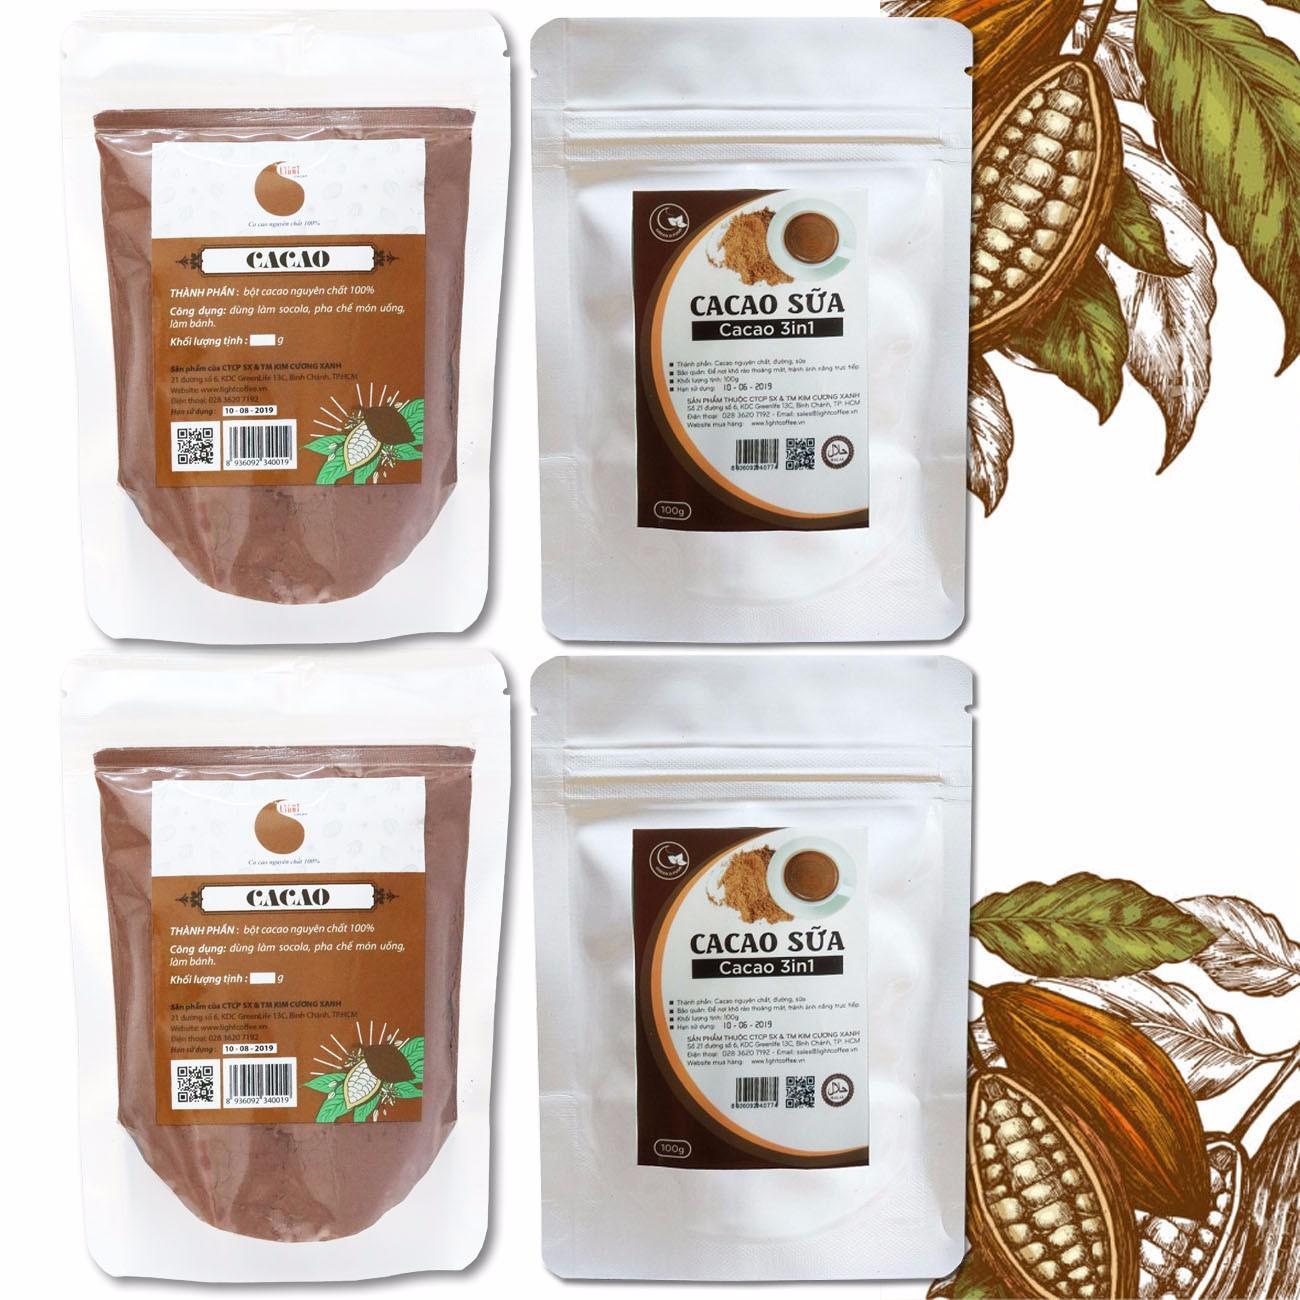 Combo 2 gói bột cacao nguyên chất không đường và 2 gói bột cacao sữa hòa tan Light Cacao - 100gr/gói